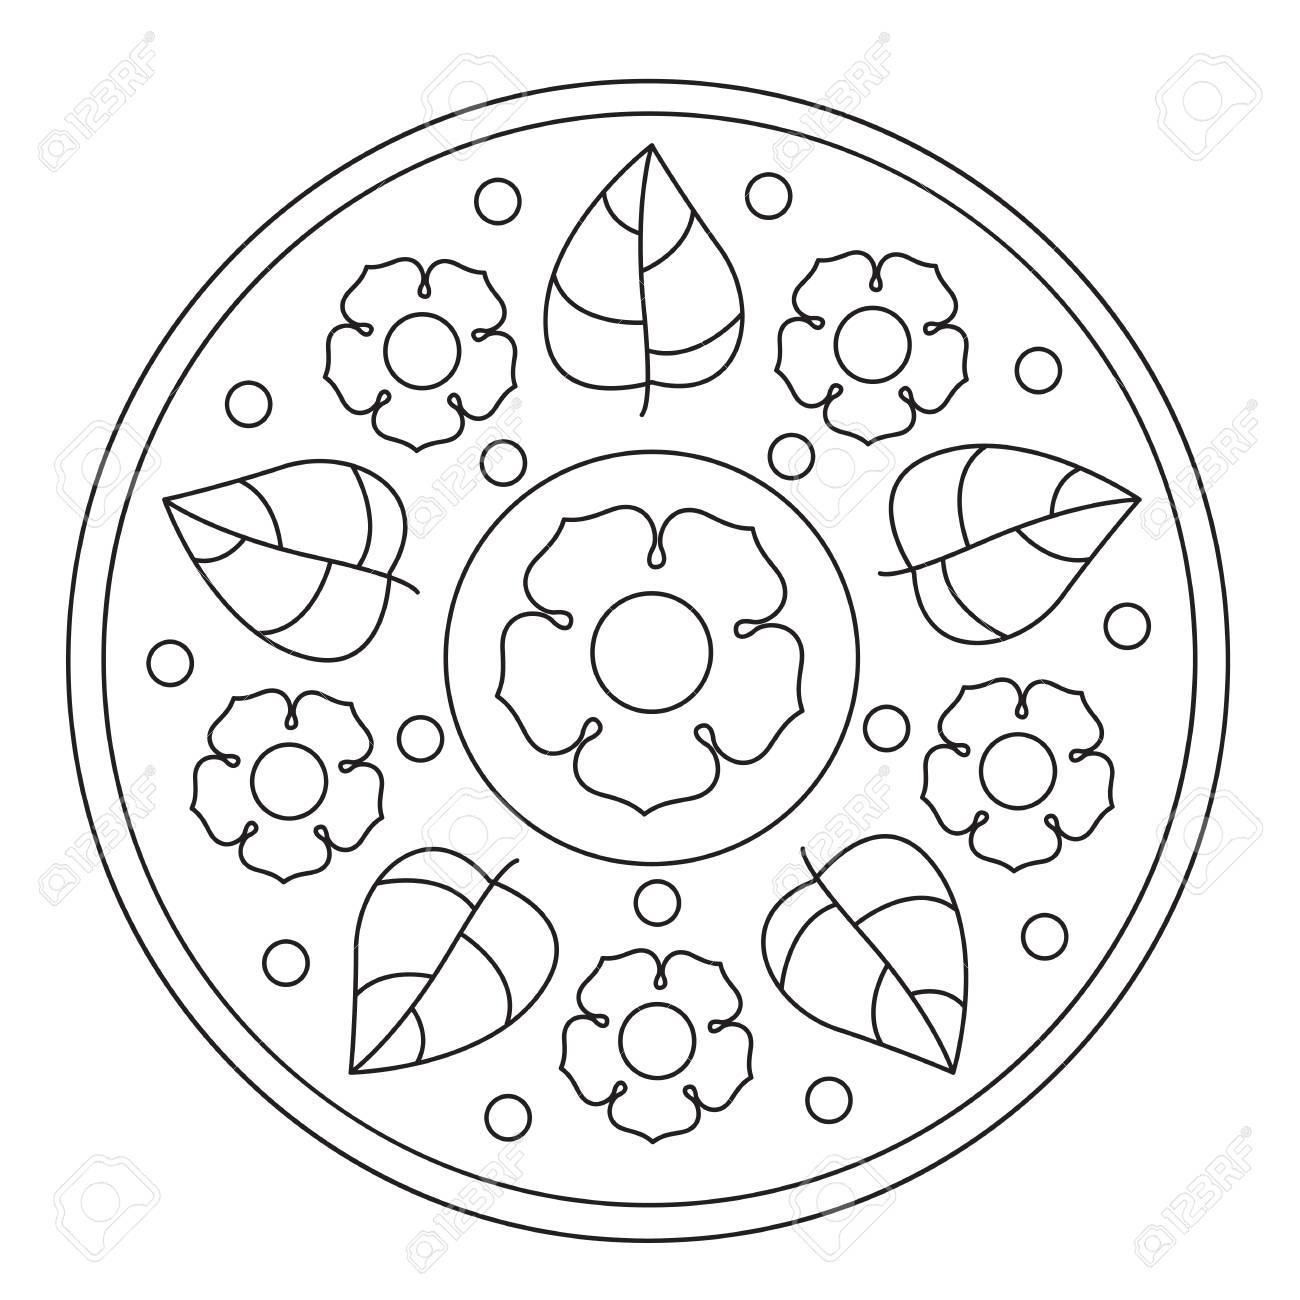 Vecteur à Colorier Des Fleurs Simples Et Feuille Ronde Mandala Pour Les Enfants